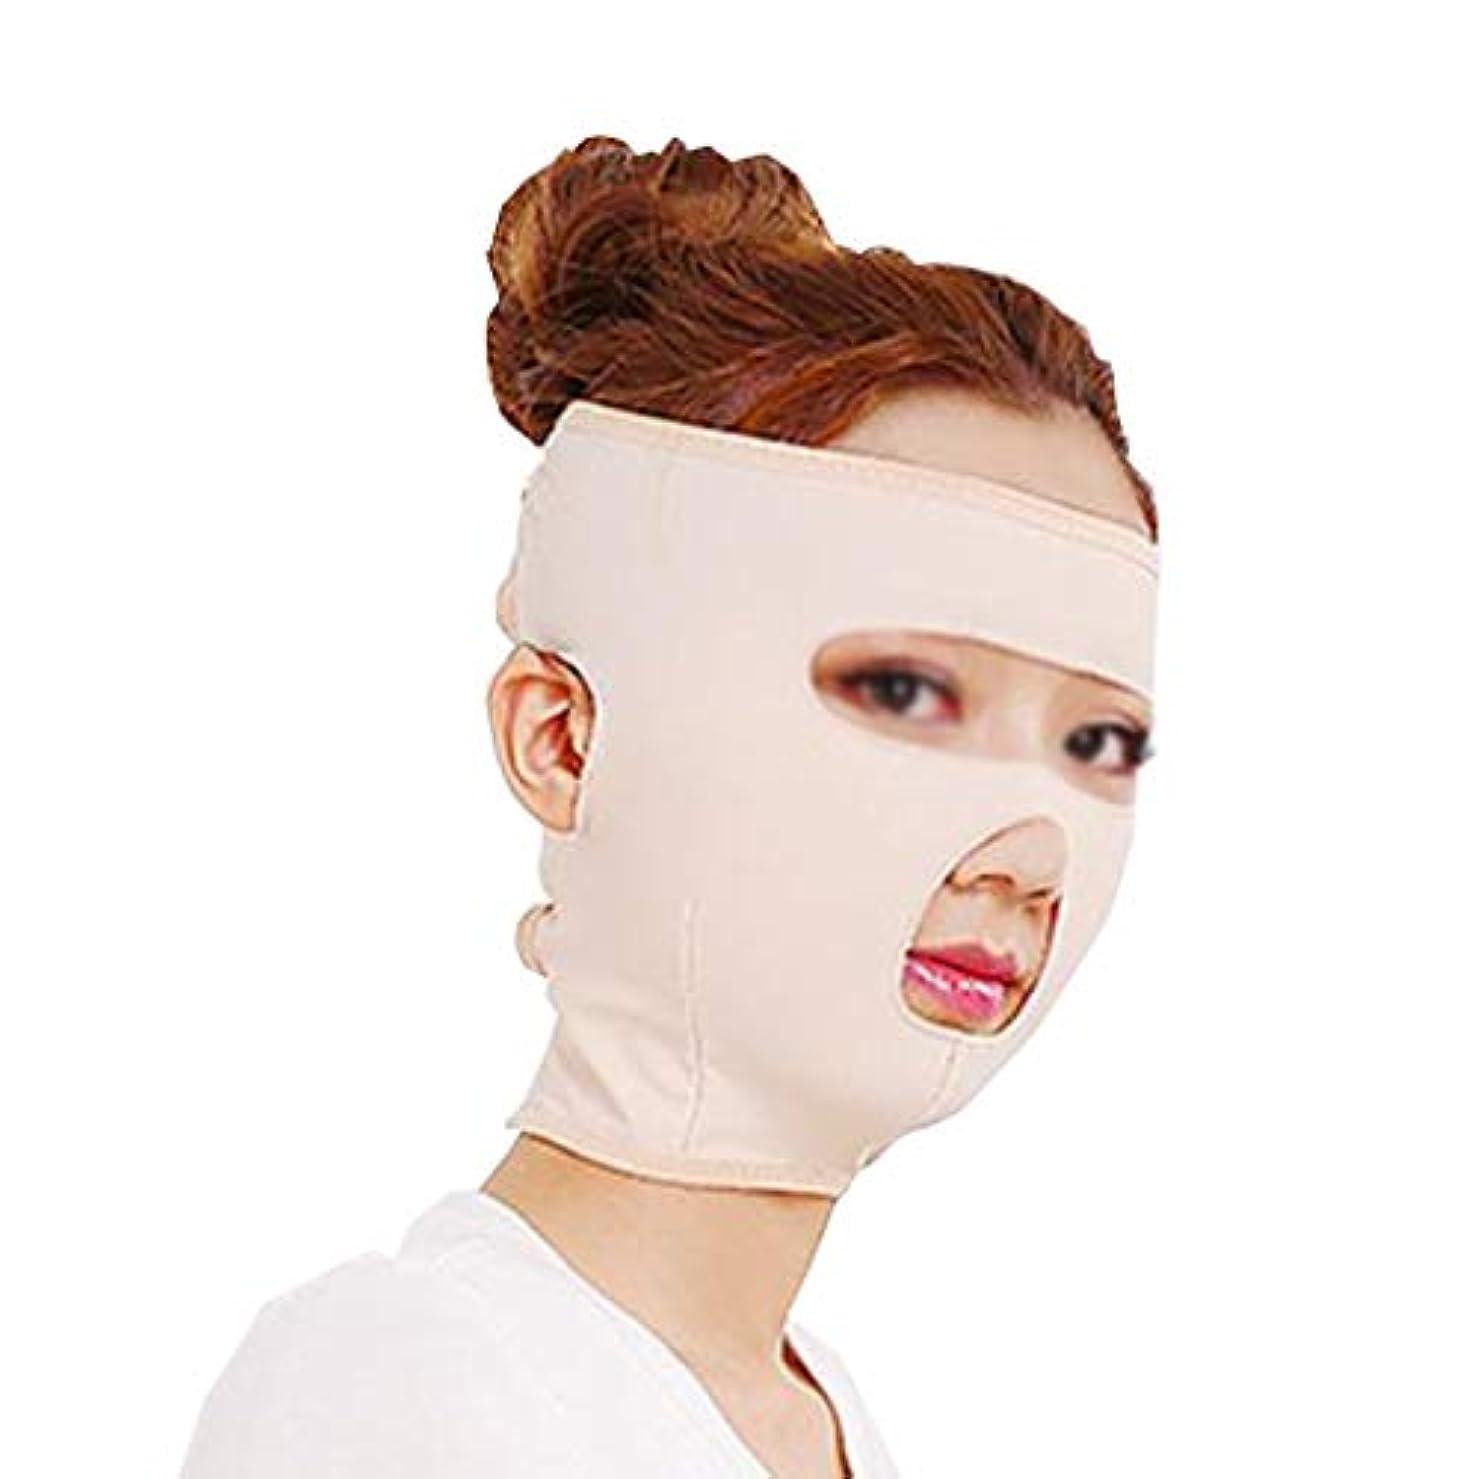 サドルスチュワード積分ZWBD フェイスマスク, 強力なフェイスマスクフェイスマスクフェイスウェイトバンデージファーミングフェイスマスクフェイスマスク